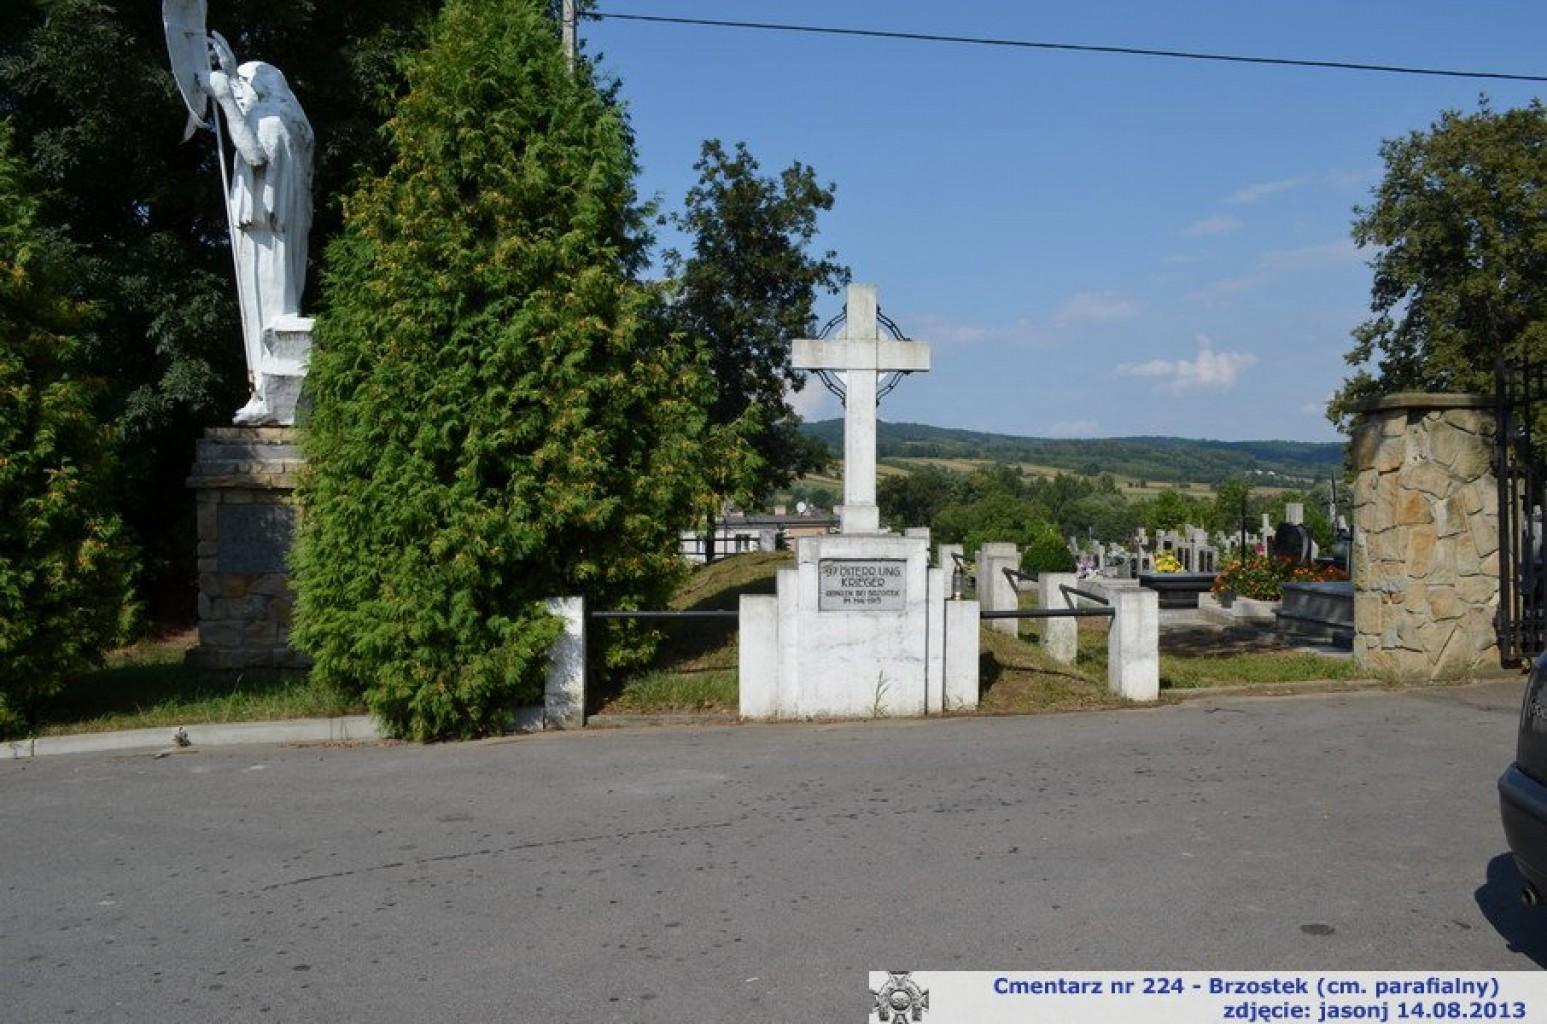 Cmentarz wojenny z I wojny nr 224 - Brzostek (cm. parafialny)